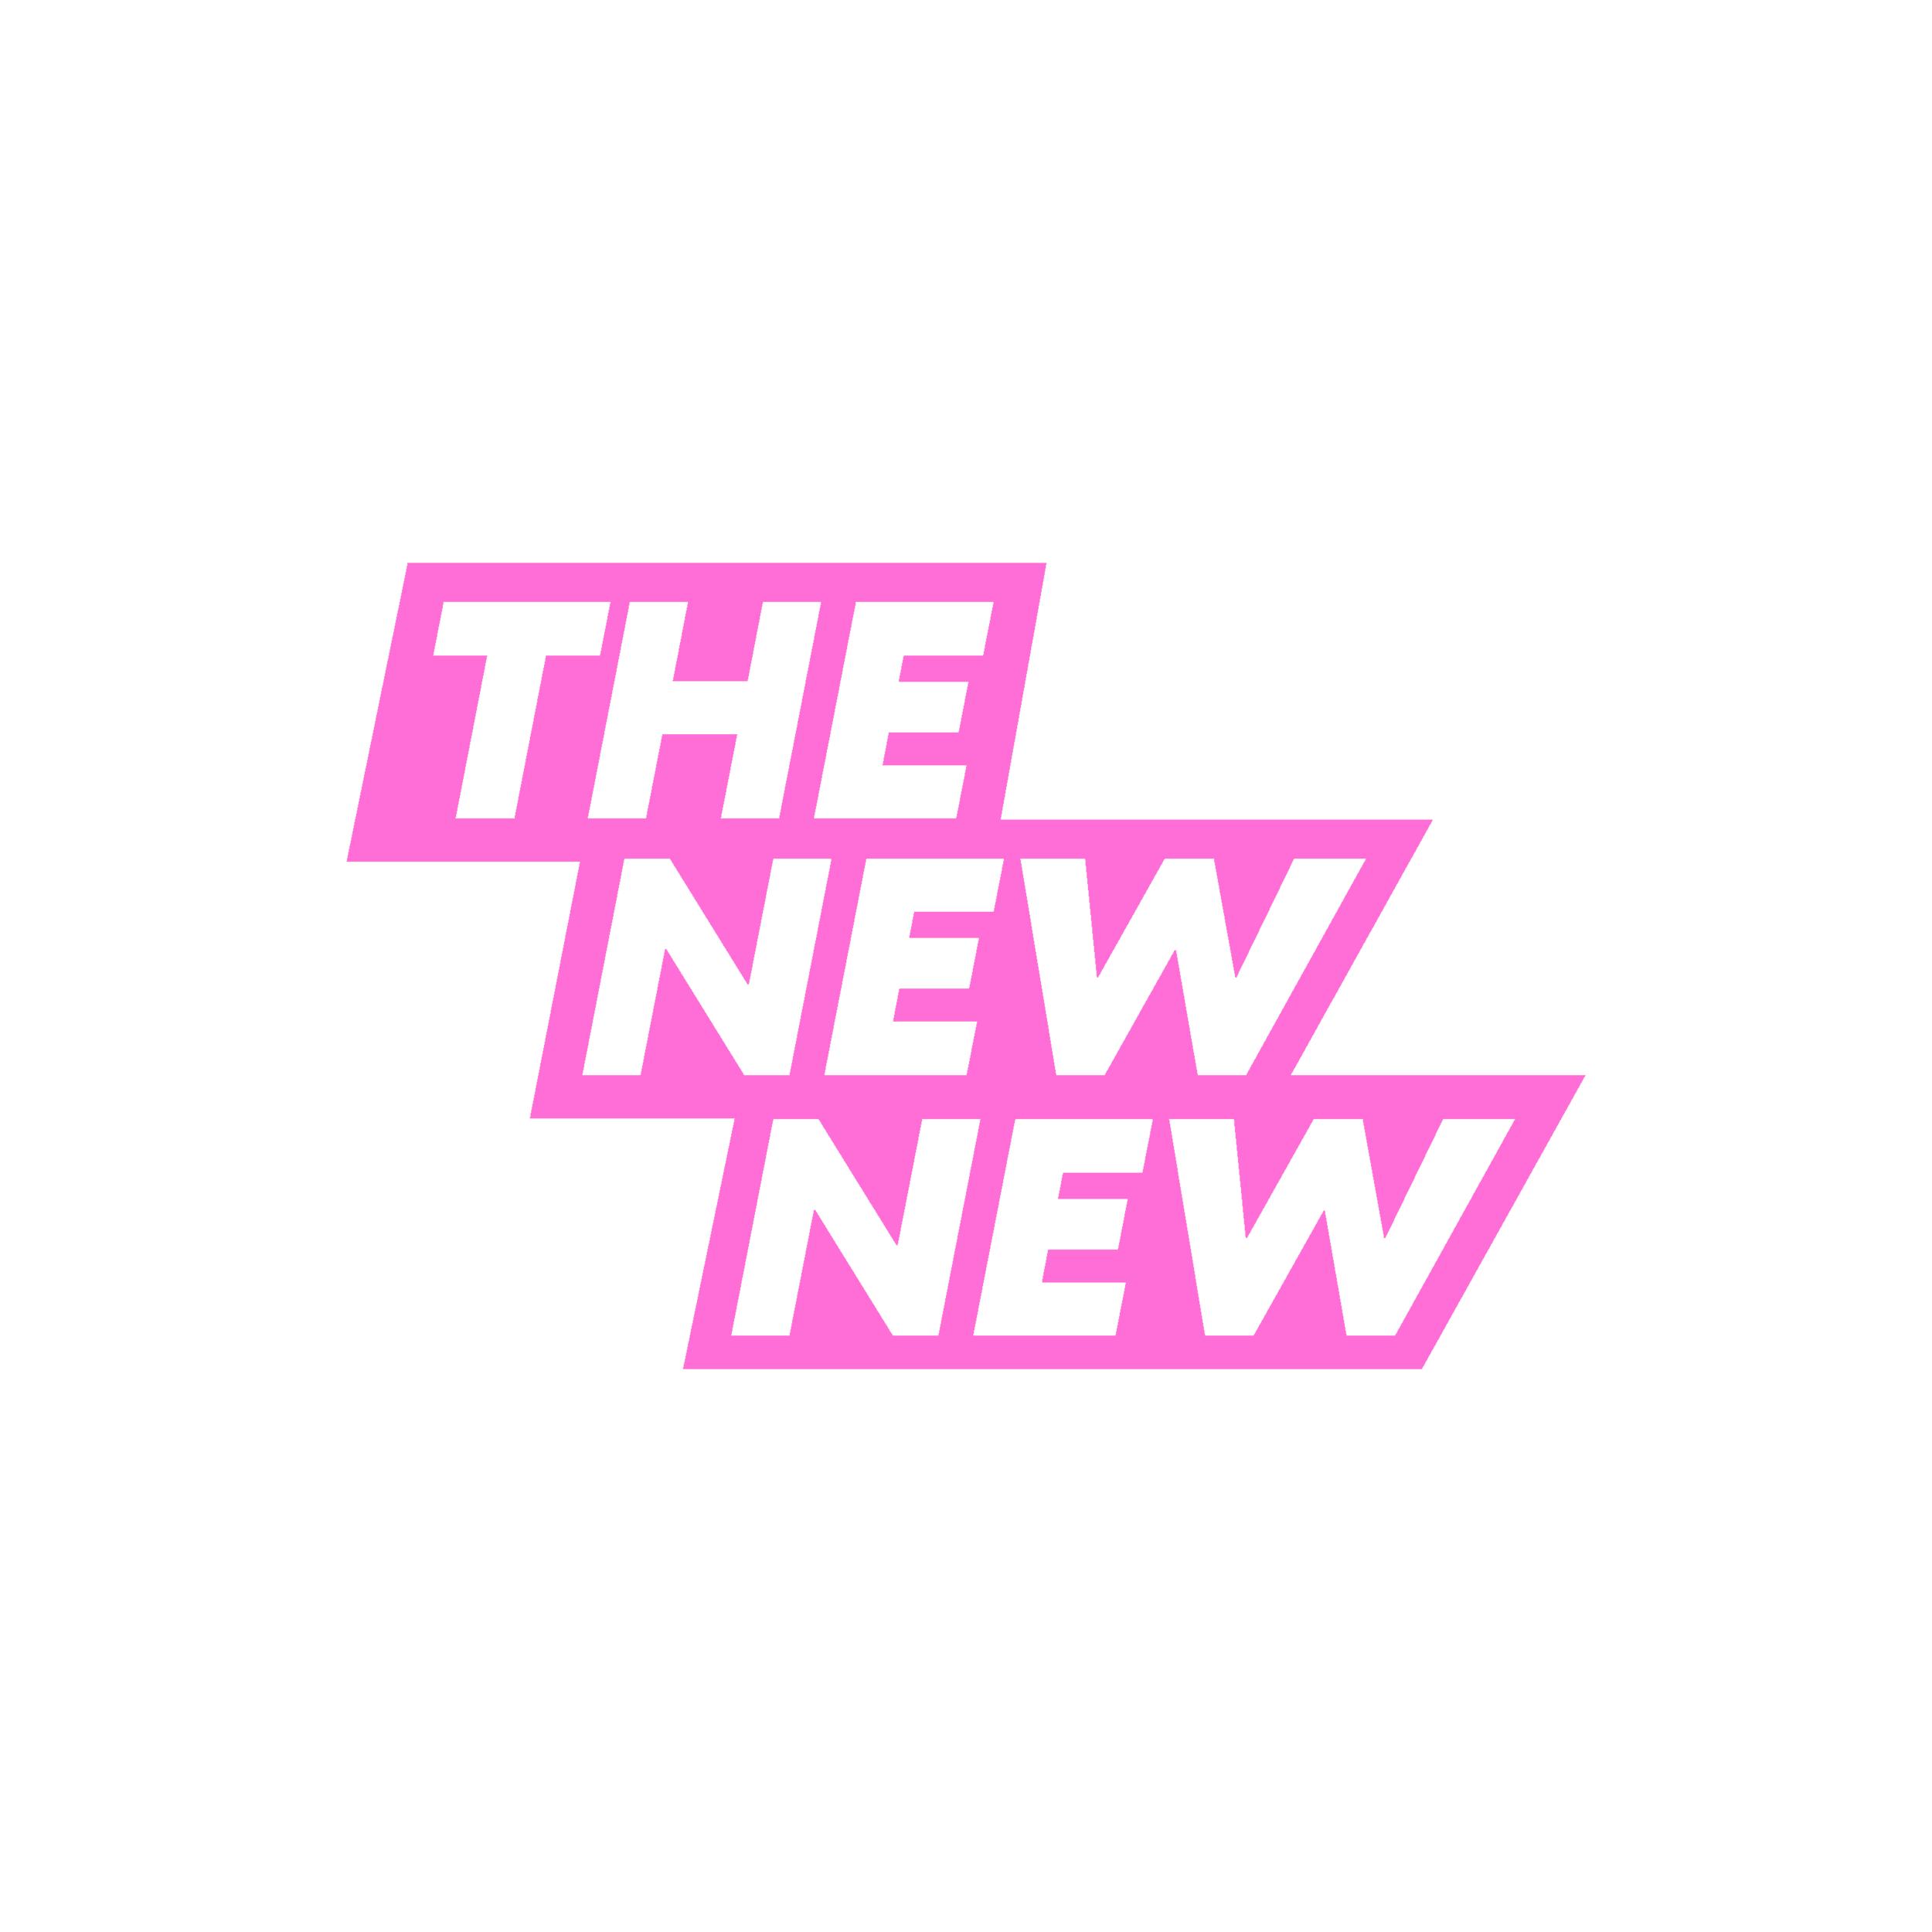 - ¿Qué es The New New? Un boletín curado por Nane Miller con muchos tips y ganas de compartir cosas nuevas. Les queremos enseñar semanalmente las tendencias que nos están obsesionando además de las novedades que no nos hemos atrevido a probar (pero lo haremos por ustedes!) The New New es, también, un all-access pass a eventos, lanzamientos exclusivos y una que otra aventura por ahí.Ready? Let's go!